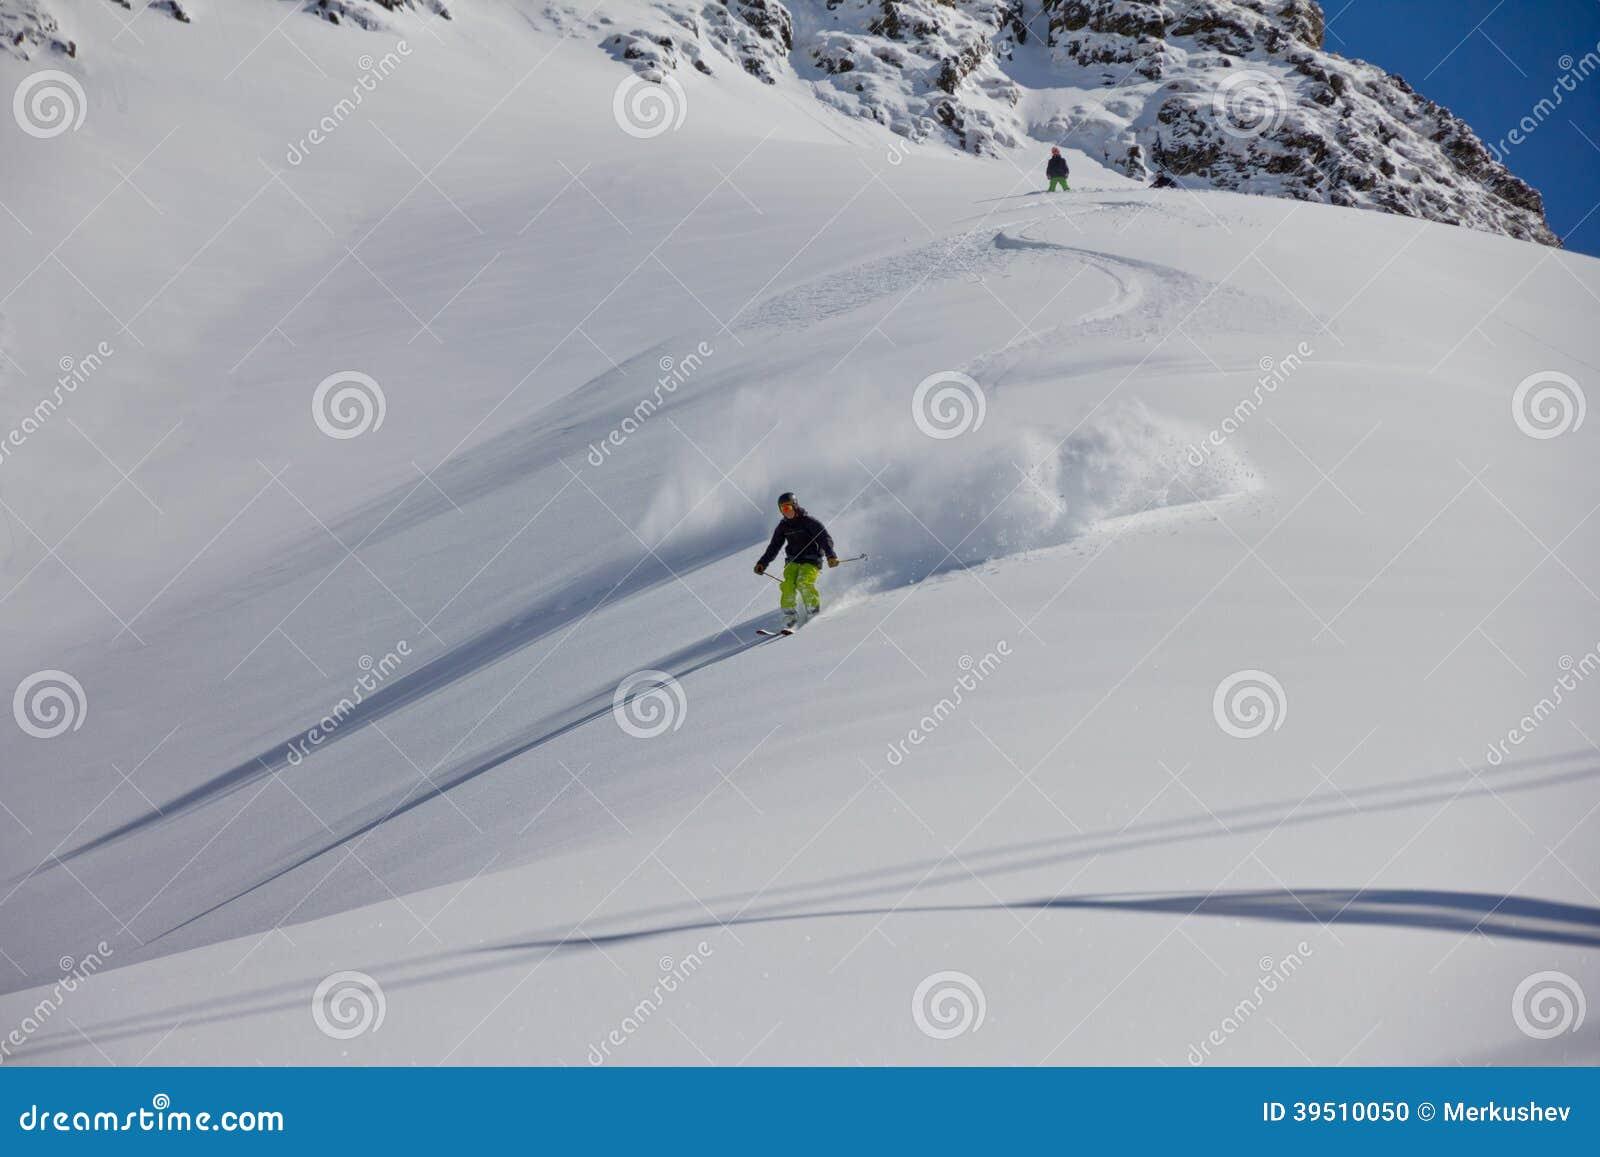 Skier in deep powder, extreme